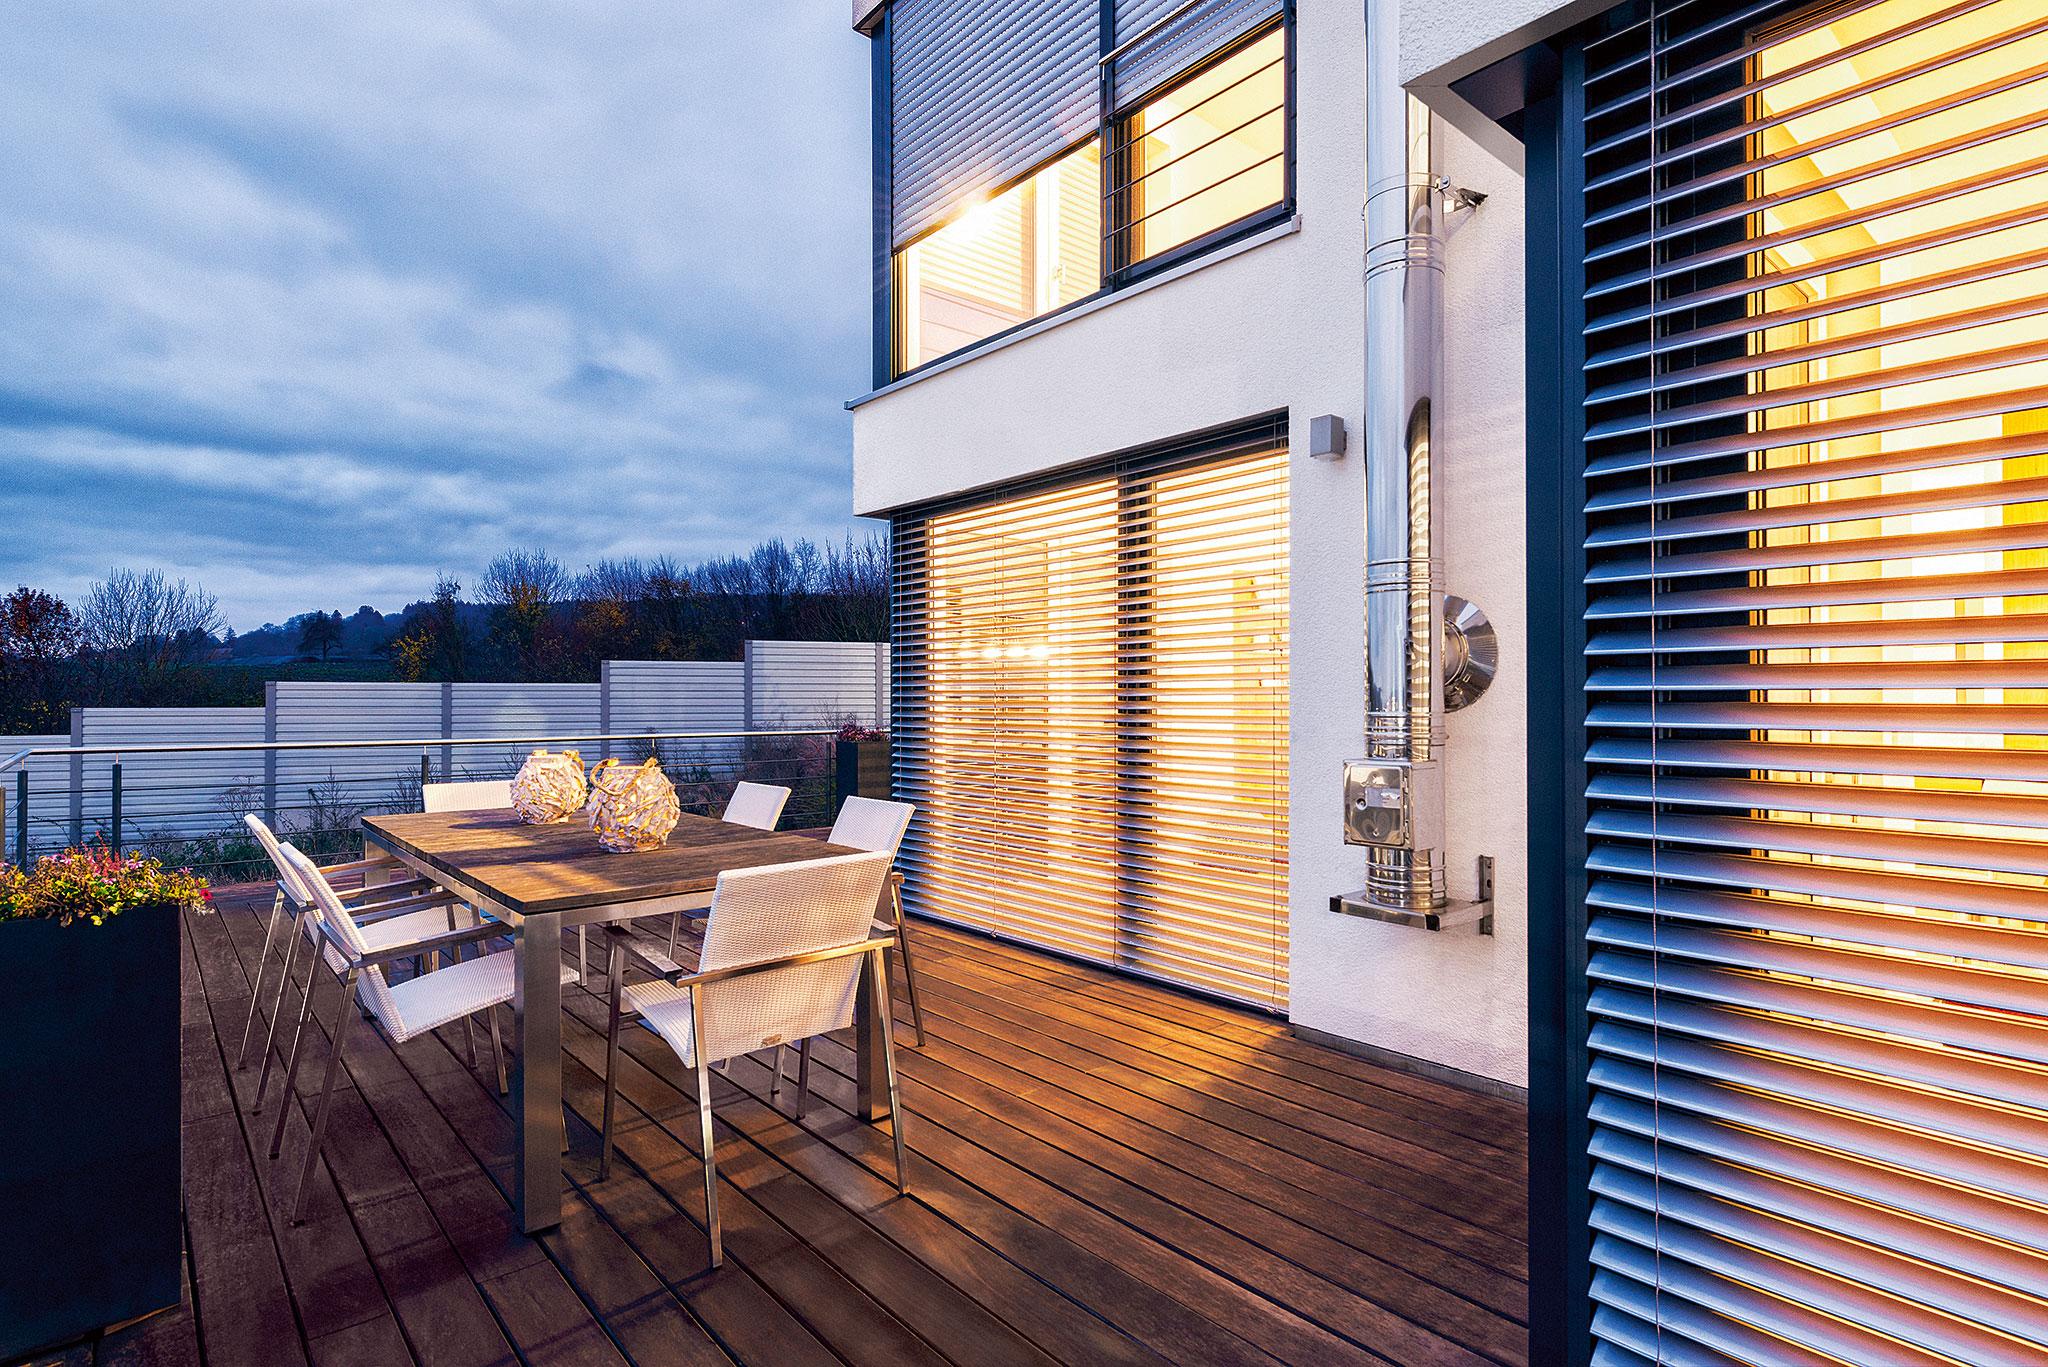 Fensterfront eines modernen Hauses